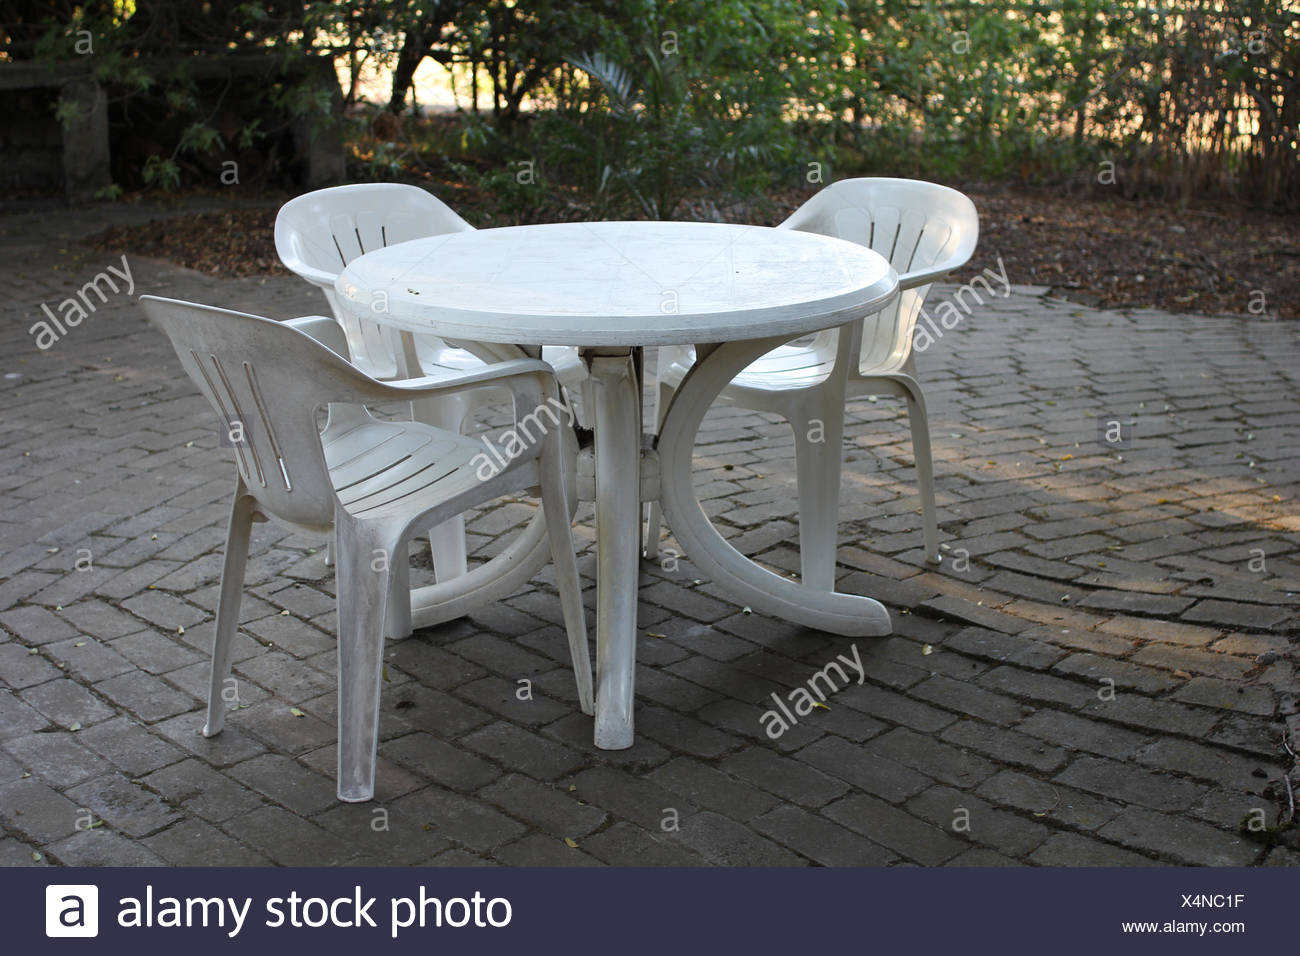 Tavolo In Plastica Con Sedie.Un Tavolo Di Plastica Con Le Sedie In Plastica Foto Immagine